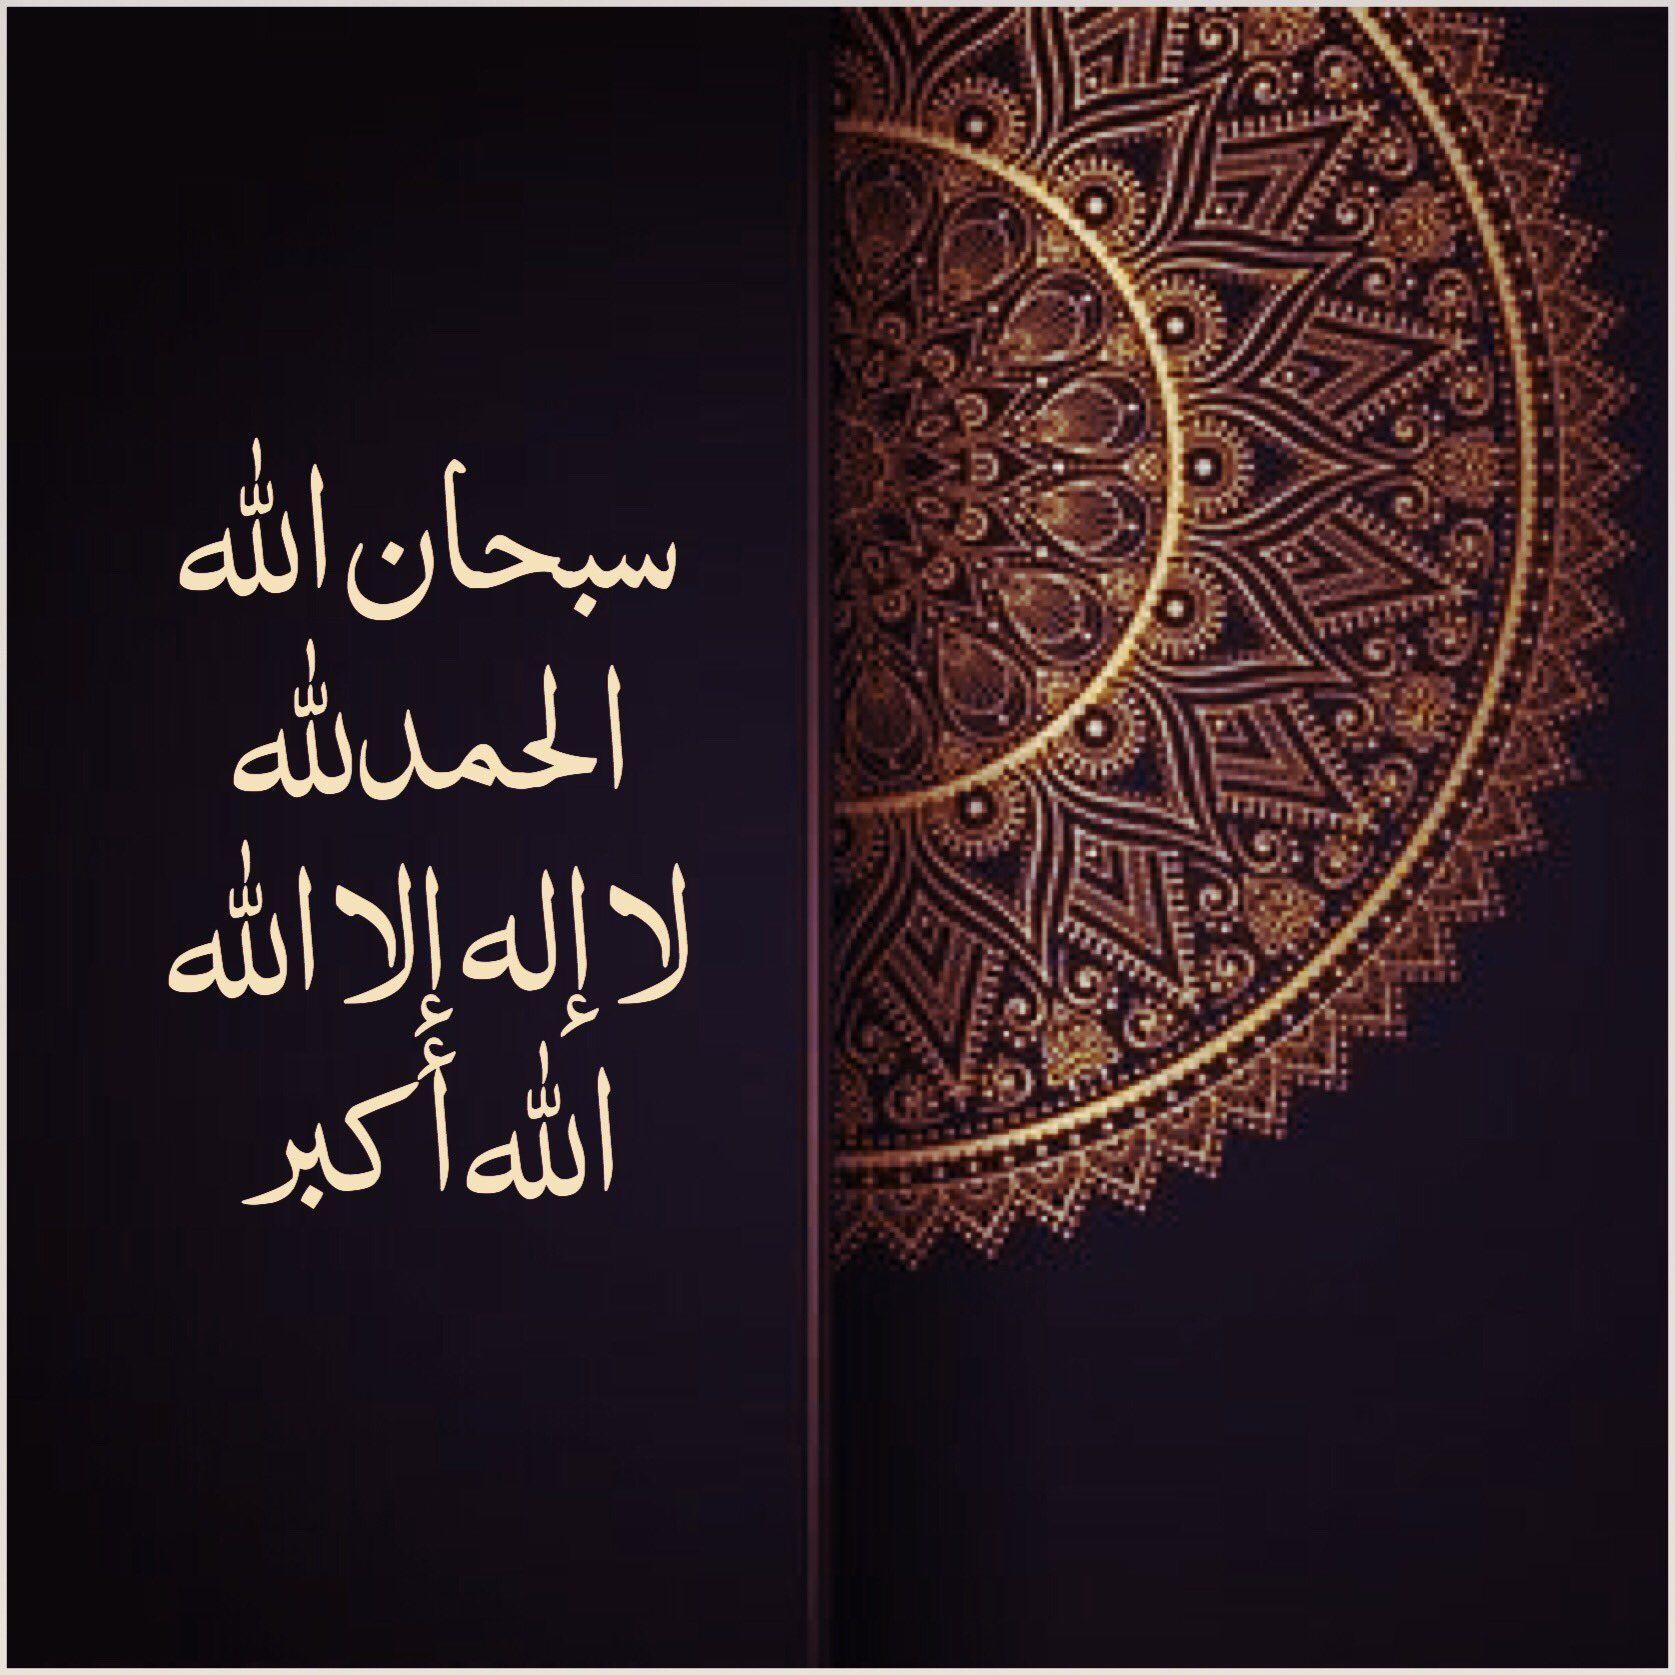 سبحان الله والحمد لله ولا إله إلا الله والله أكبر Doa Islam Allah Invocation